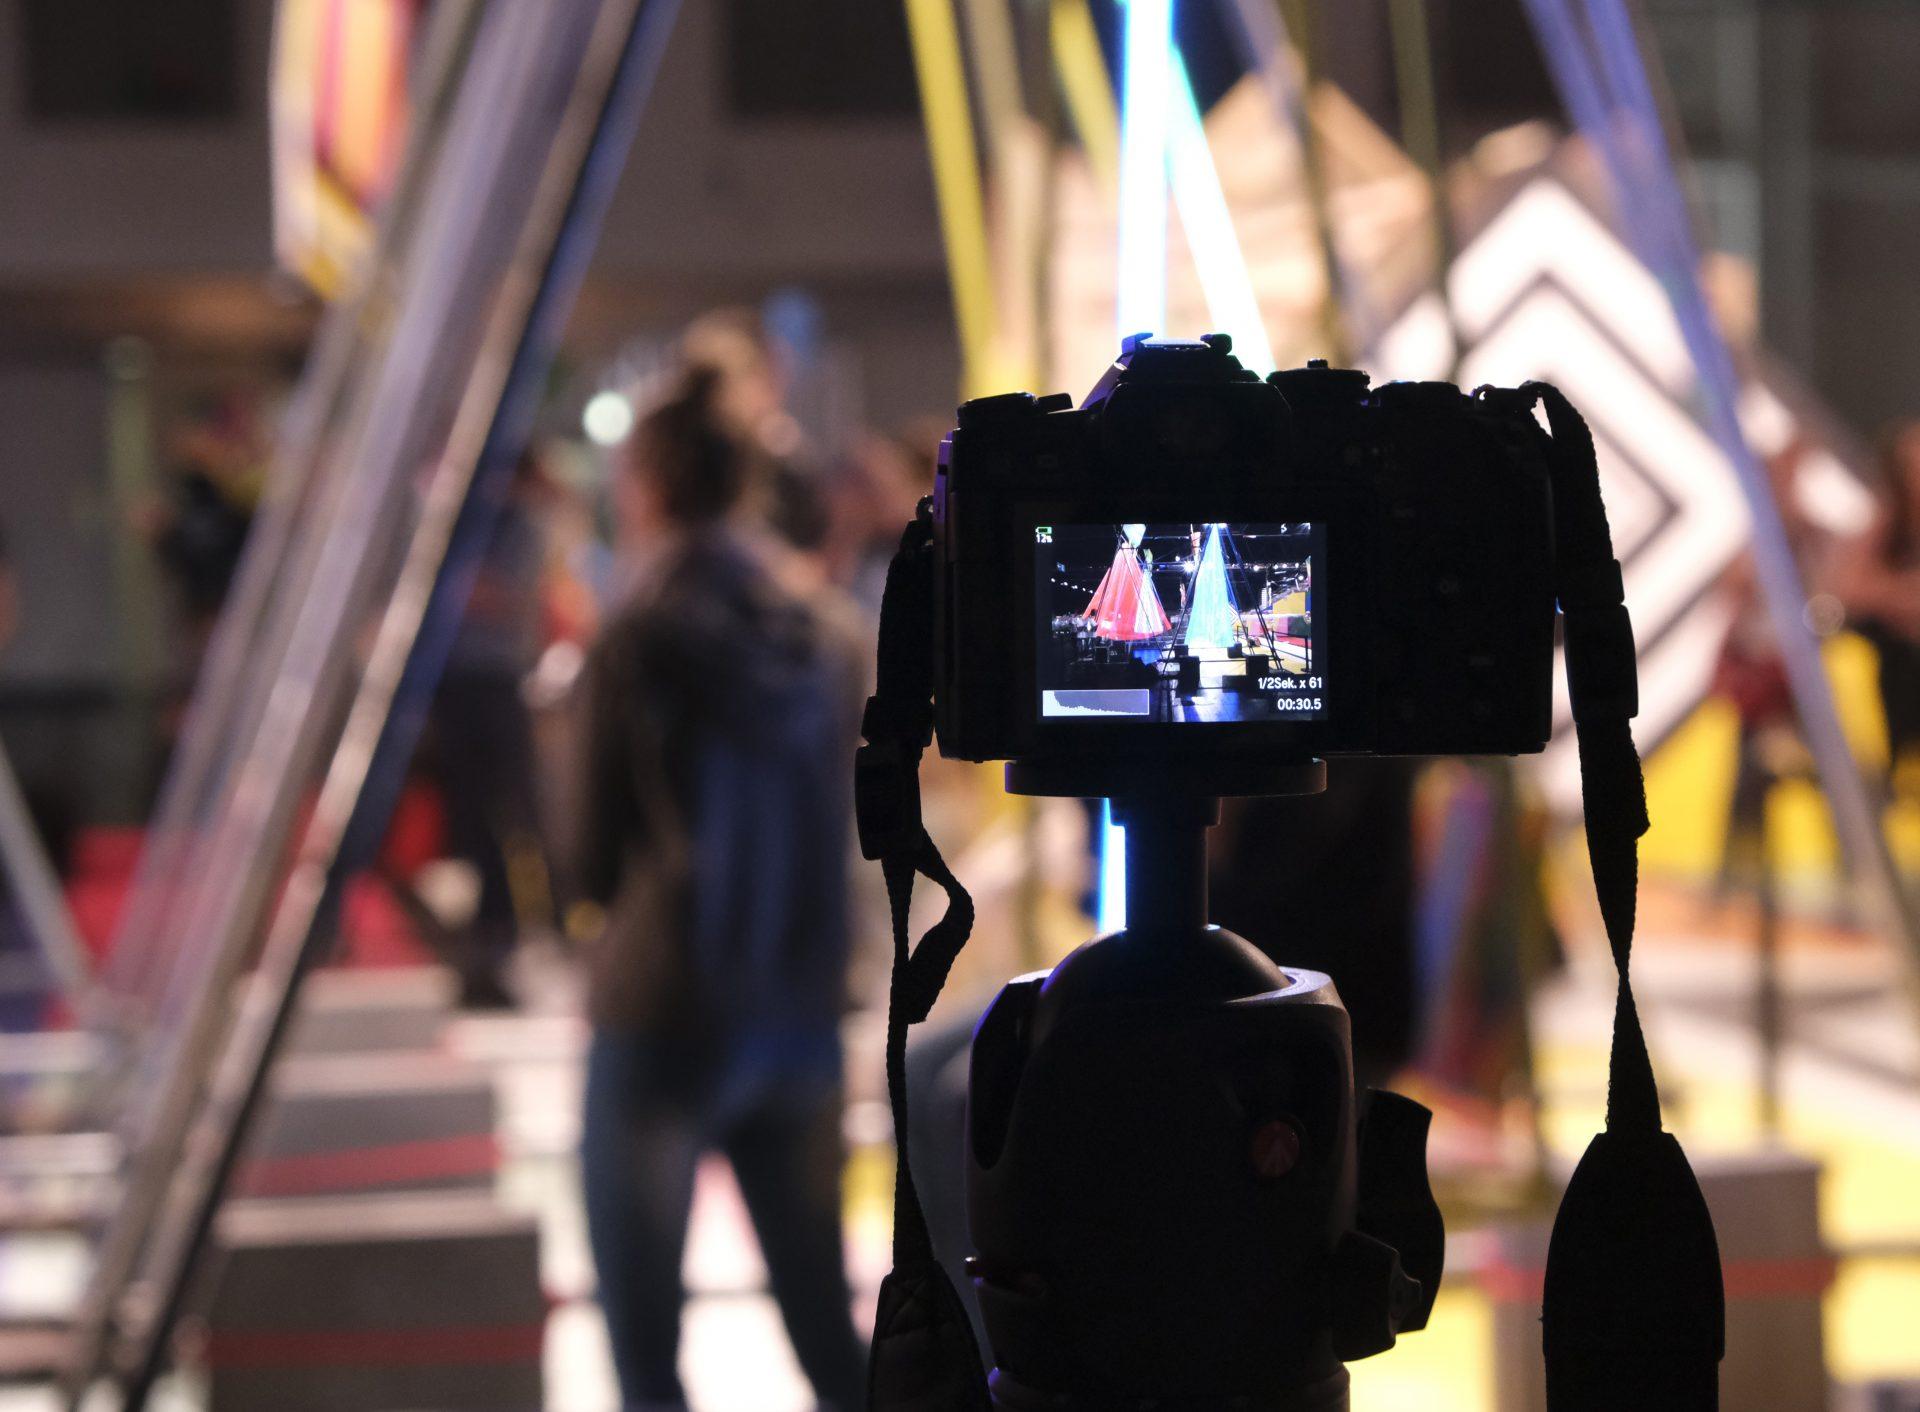 Live Composite-funktion är aktiverad och kameran är redo för exponering. Foto: Lasse Svendsen